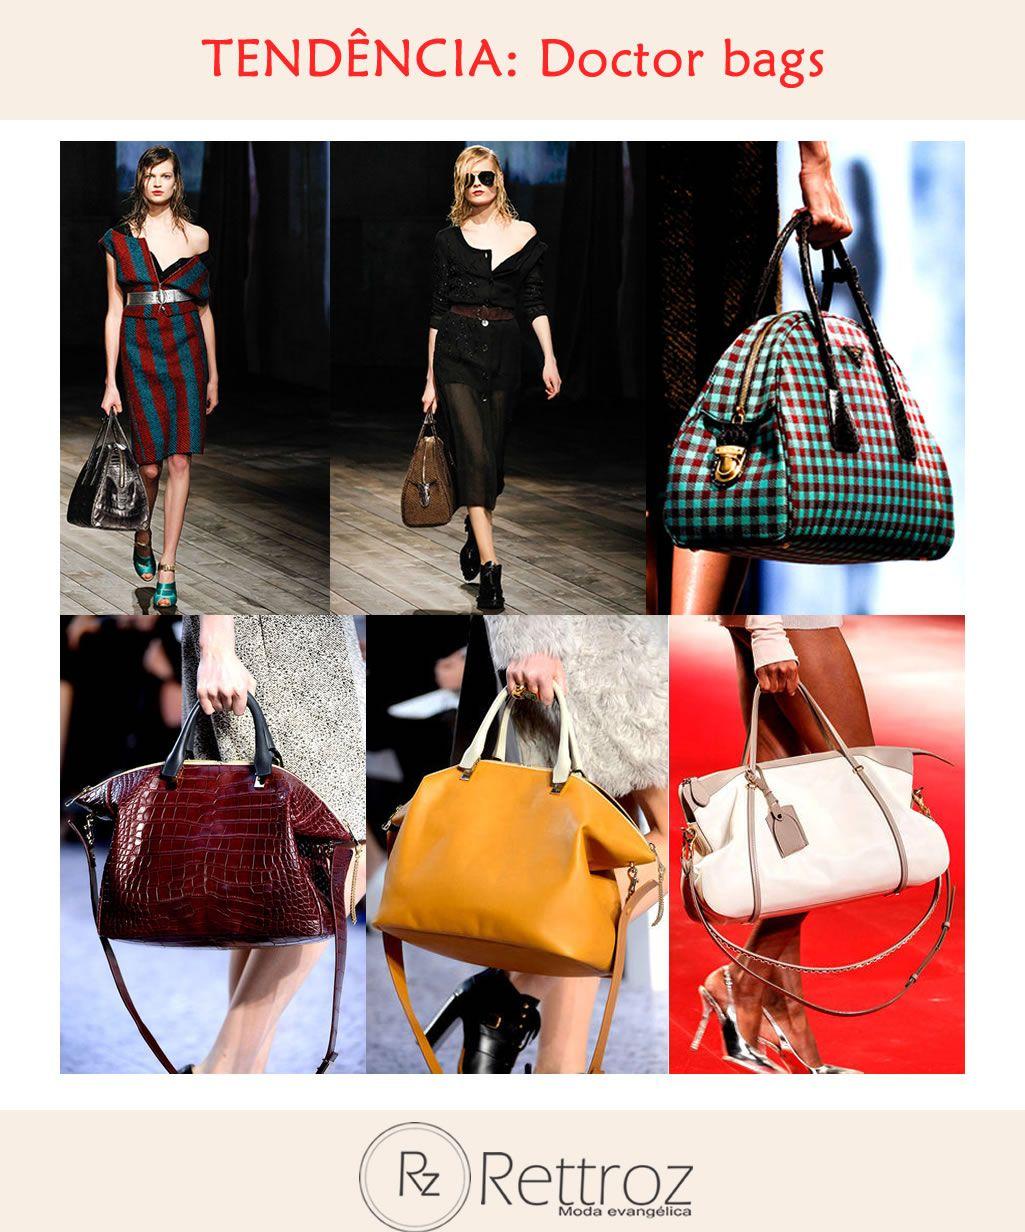 c801bfd7fc602 Dentre tantos tipos de bolsas femininas vistas nos diversos desfiles da  temporada, o modelo que promete é do tipo mala de viagem, as clássicas  doctor bags.